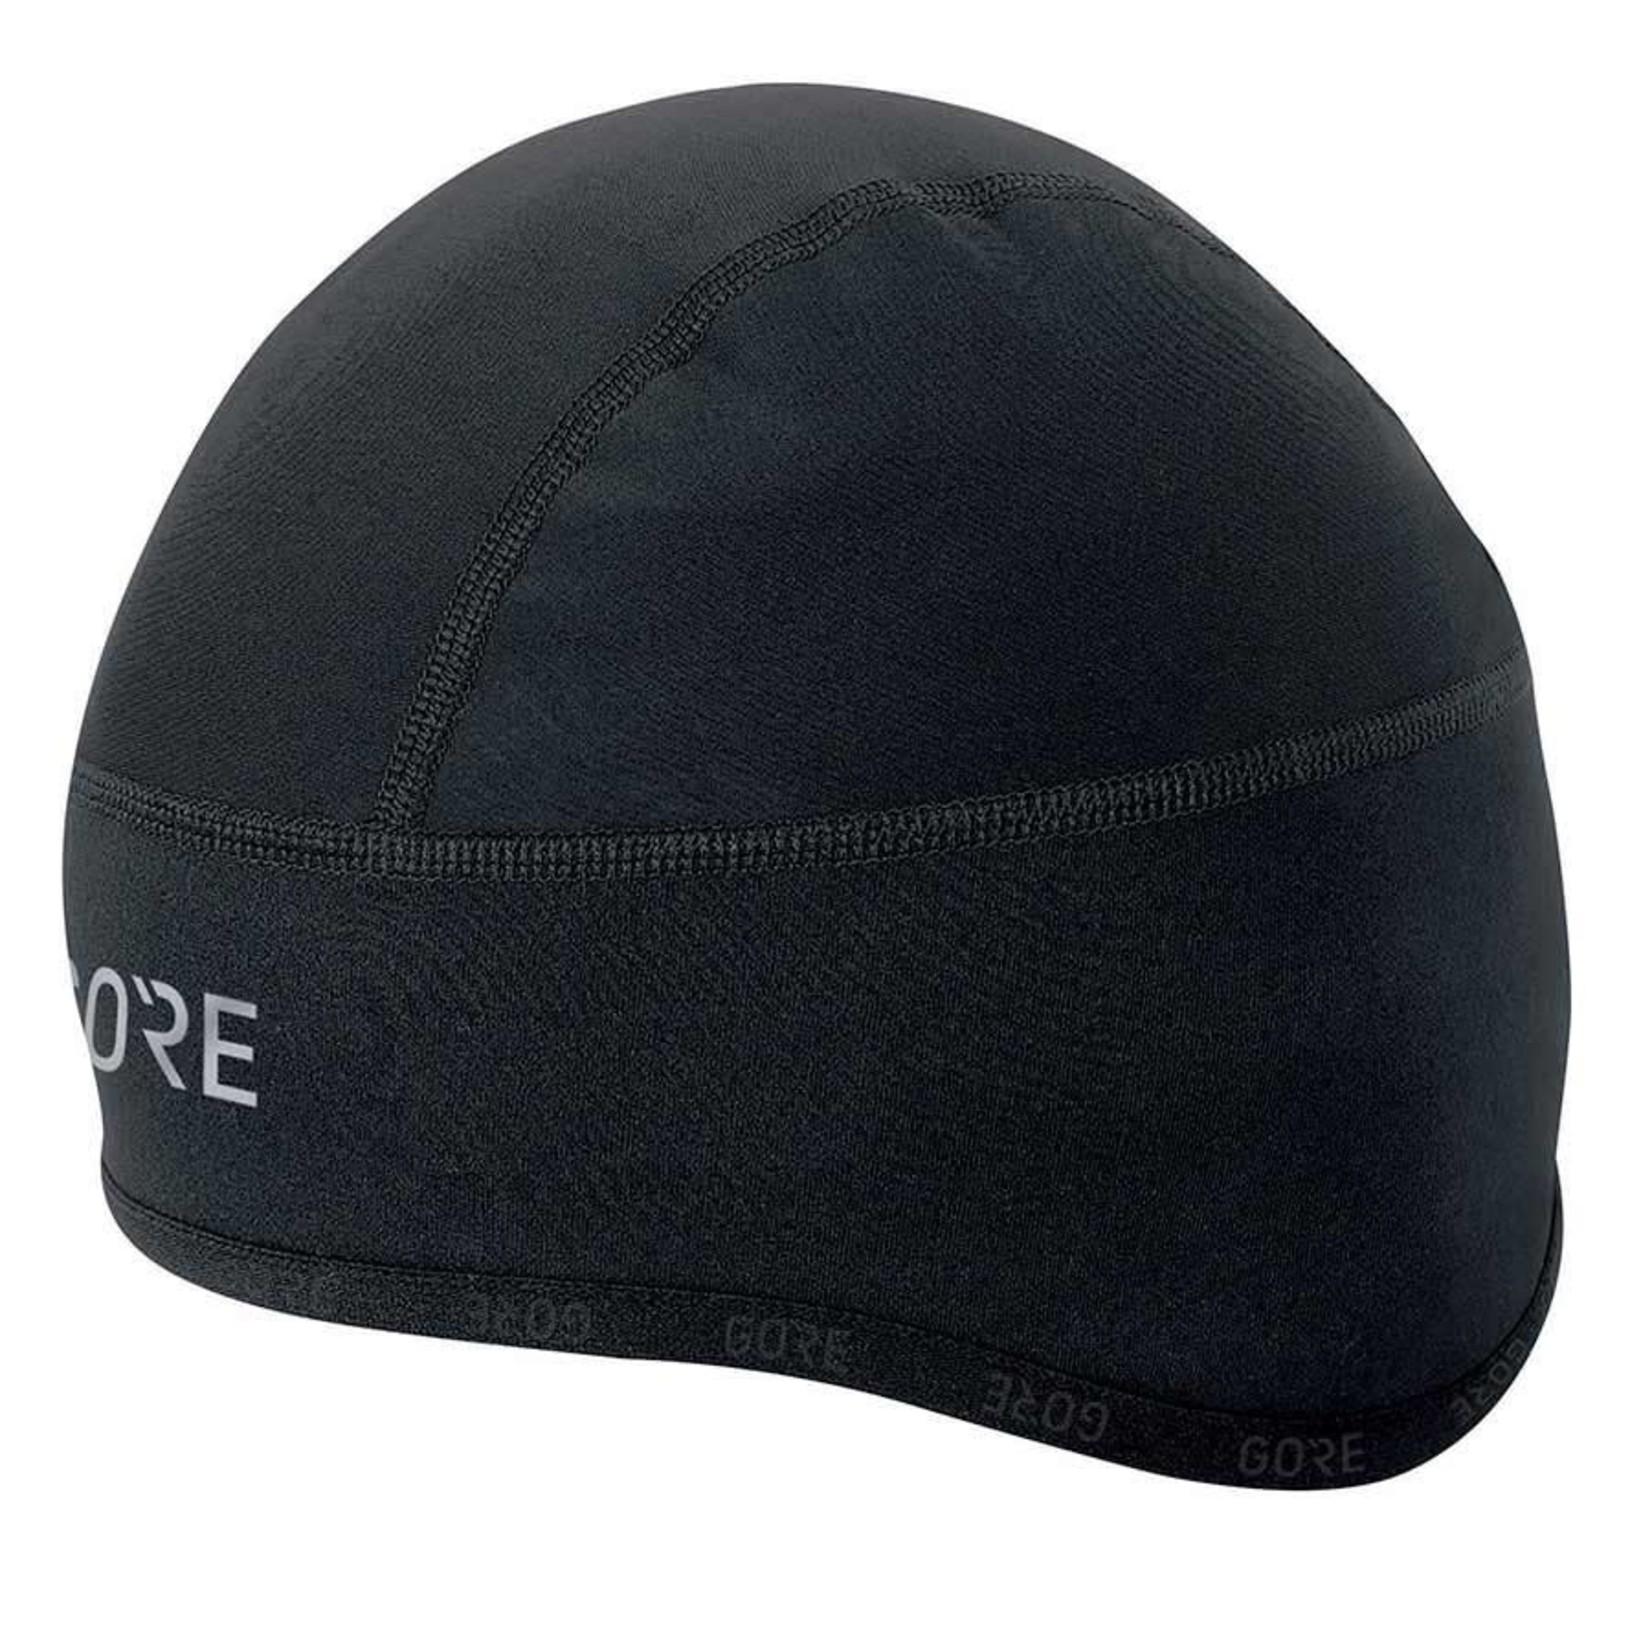 Gore Wear Gore Wear C3 Windstopper Cap